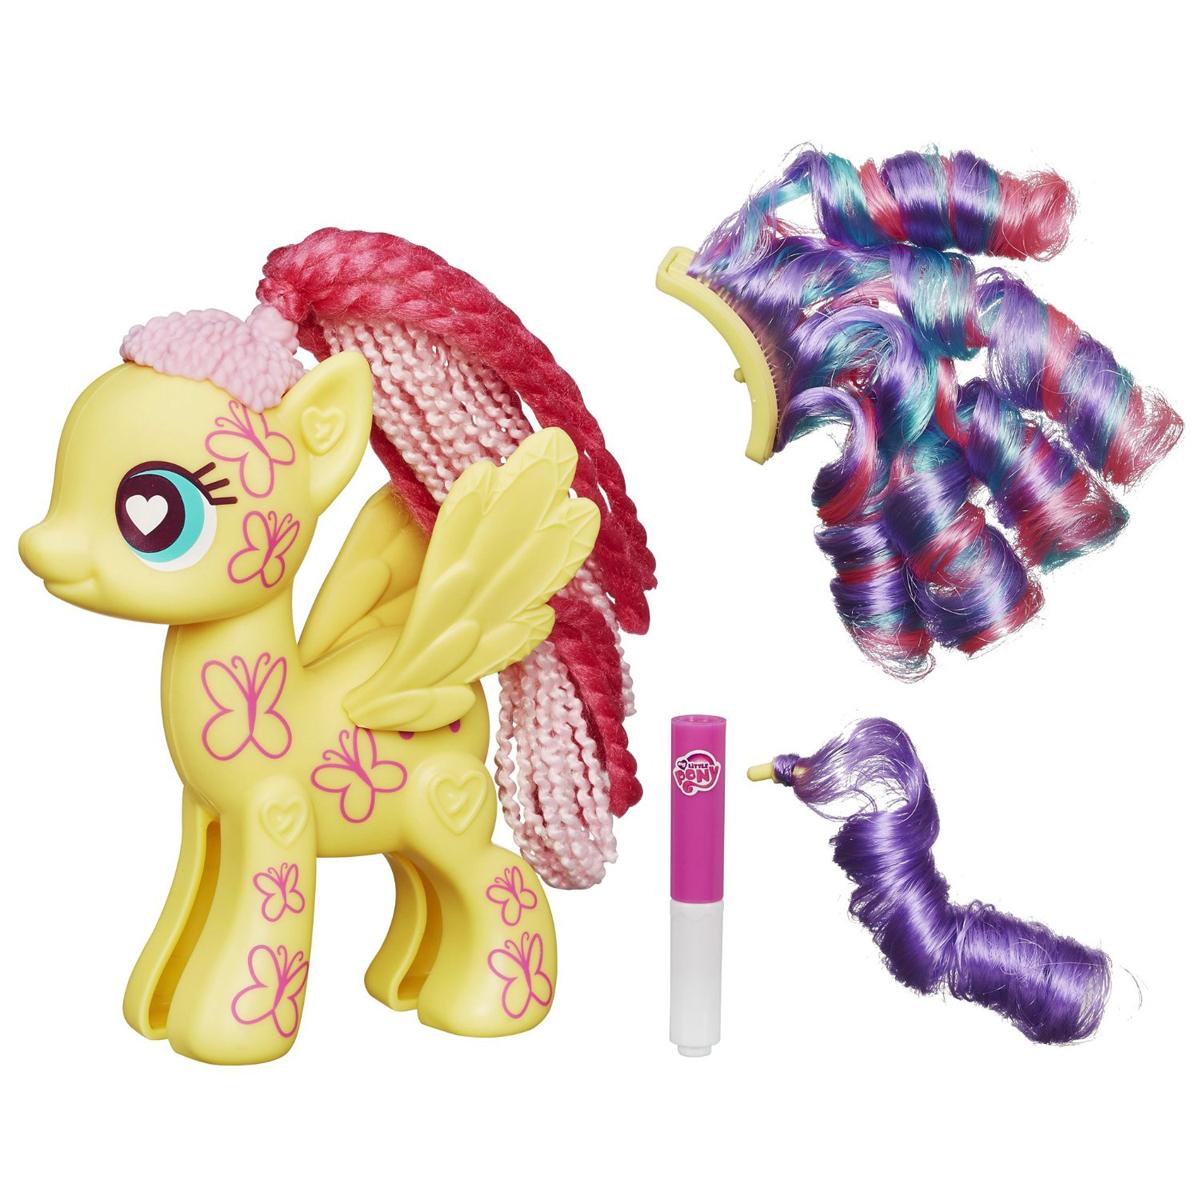 Купить Игровой набор - Пони Флаттершай. My Little Pony, Hasbro